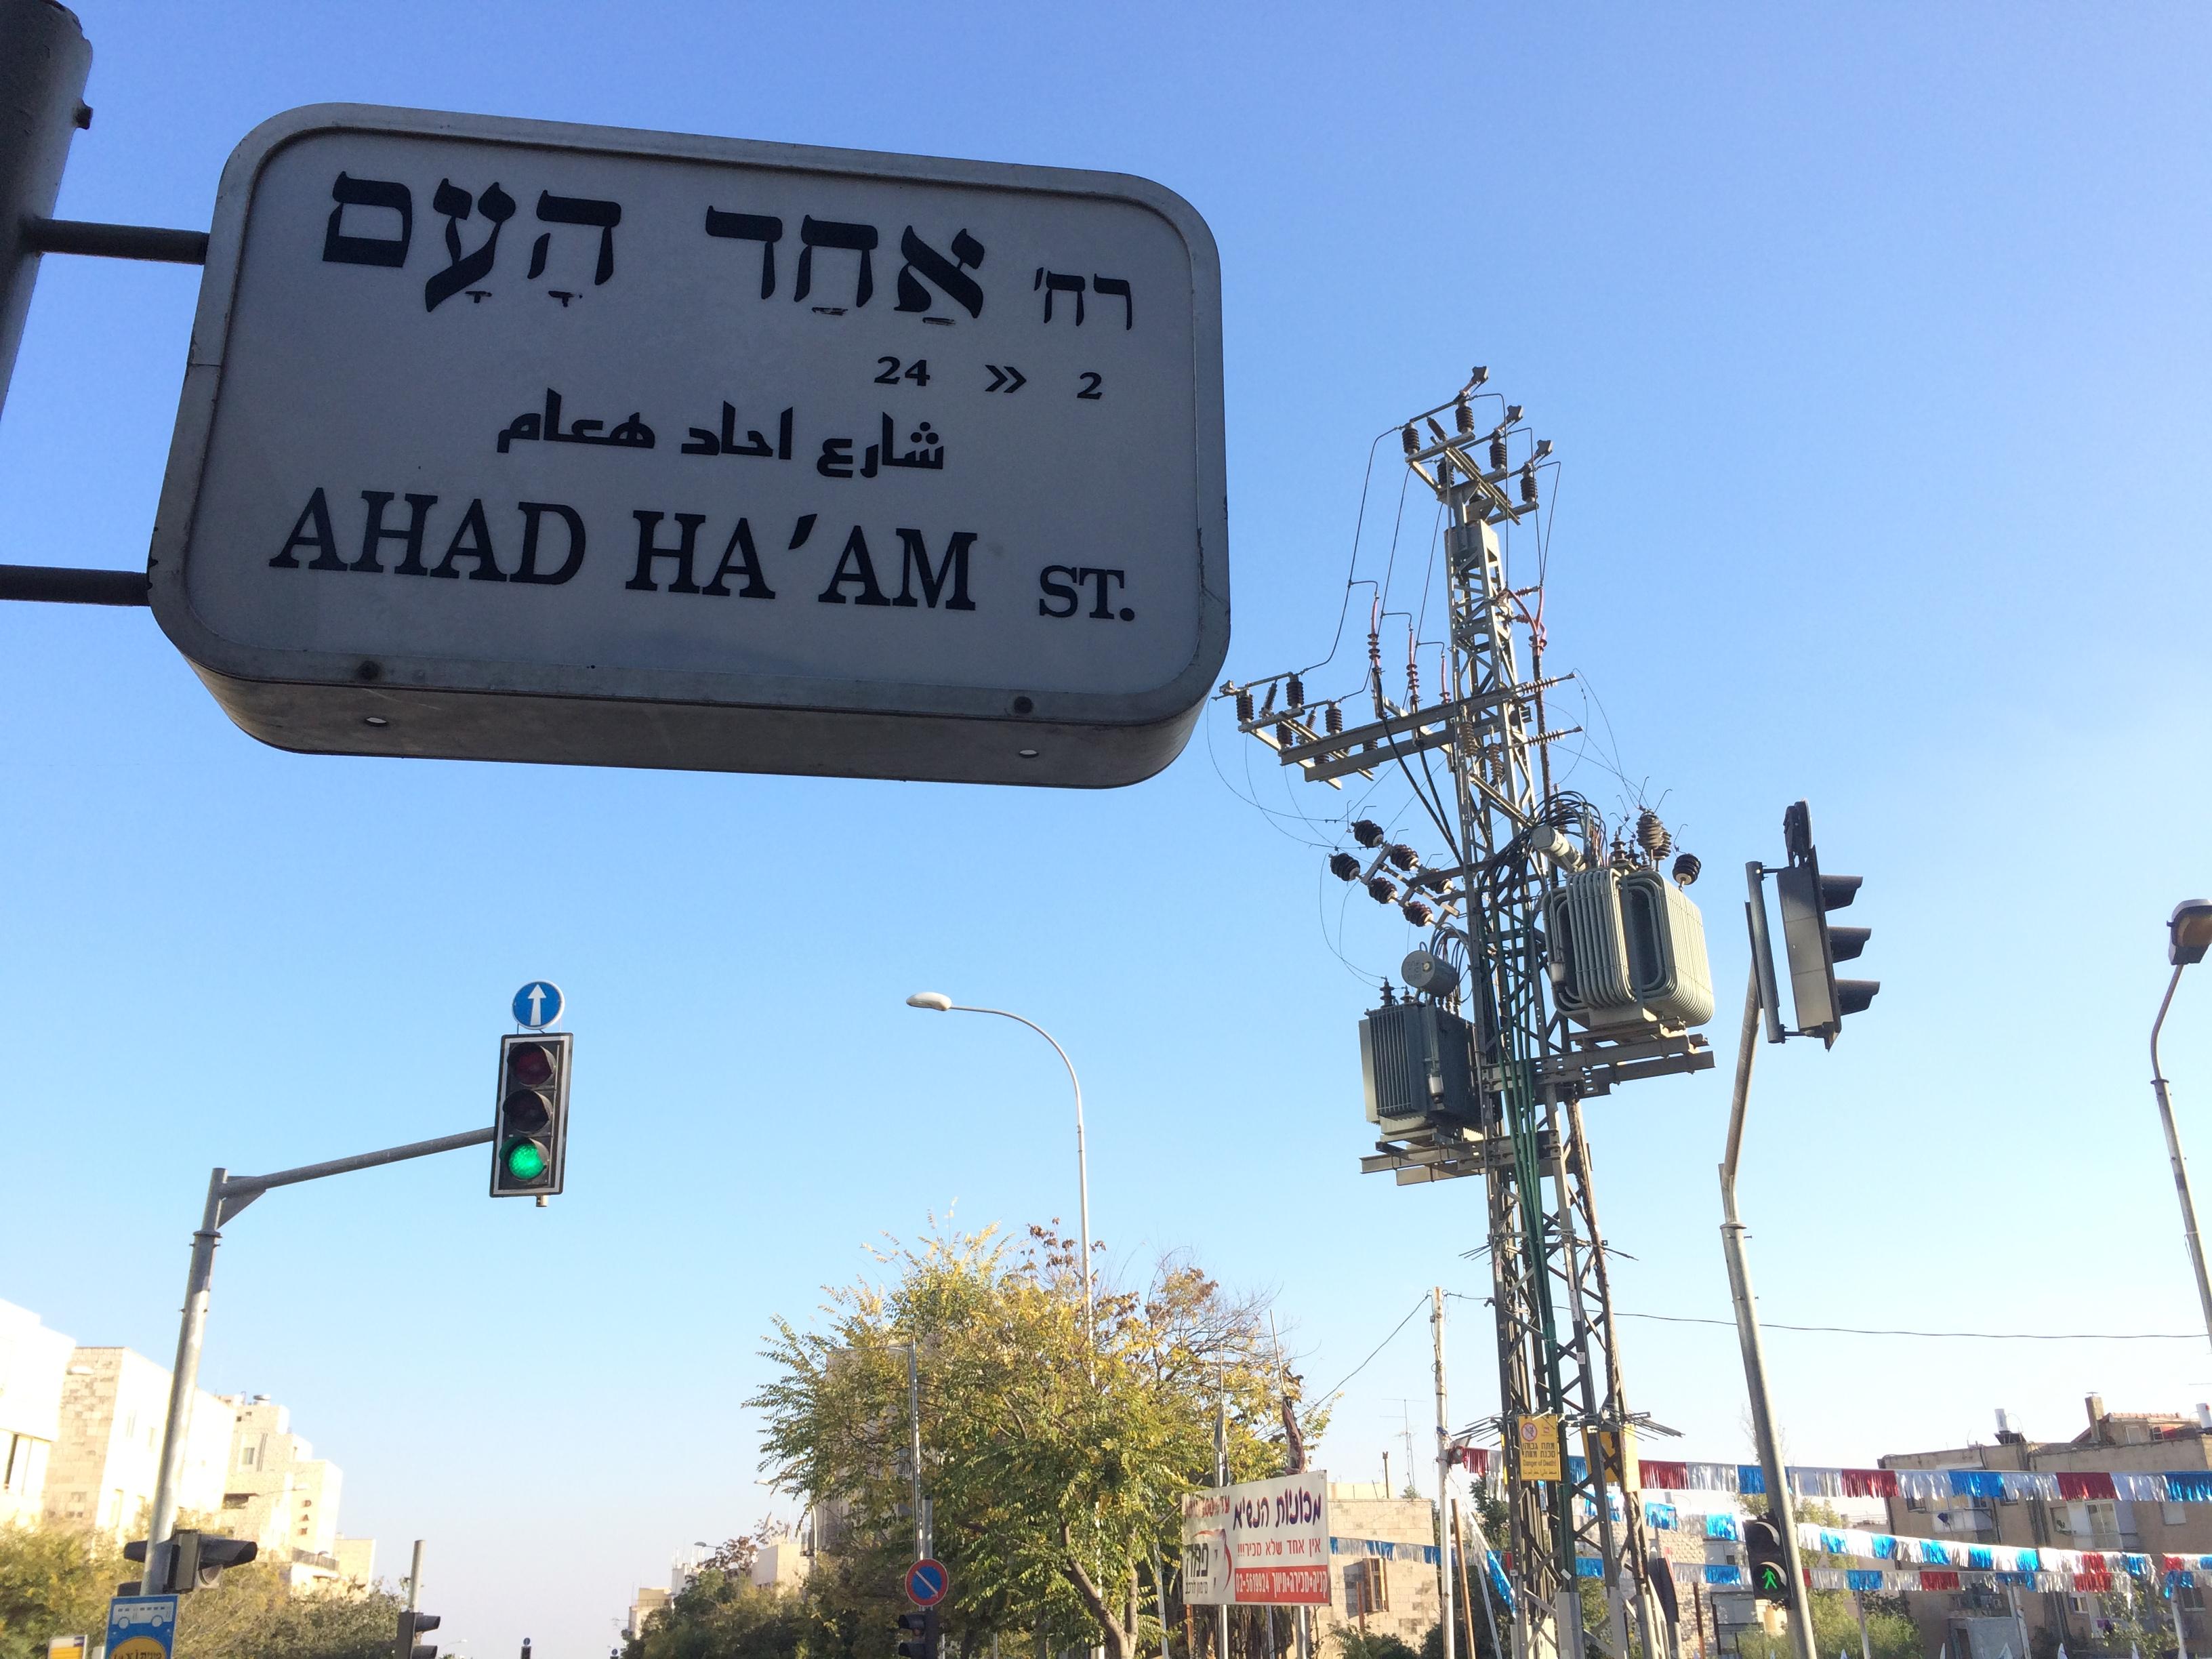 Jutzot Ierushalaim – XX – Las calles de Jerusalém: Ahad Haam